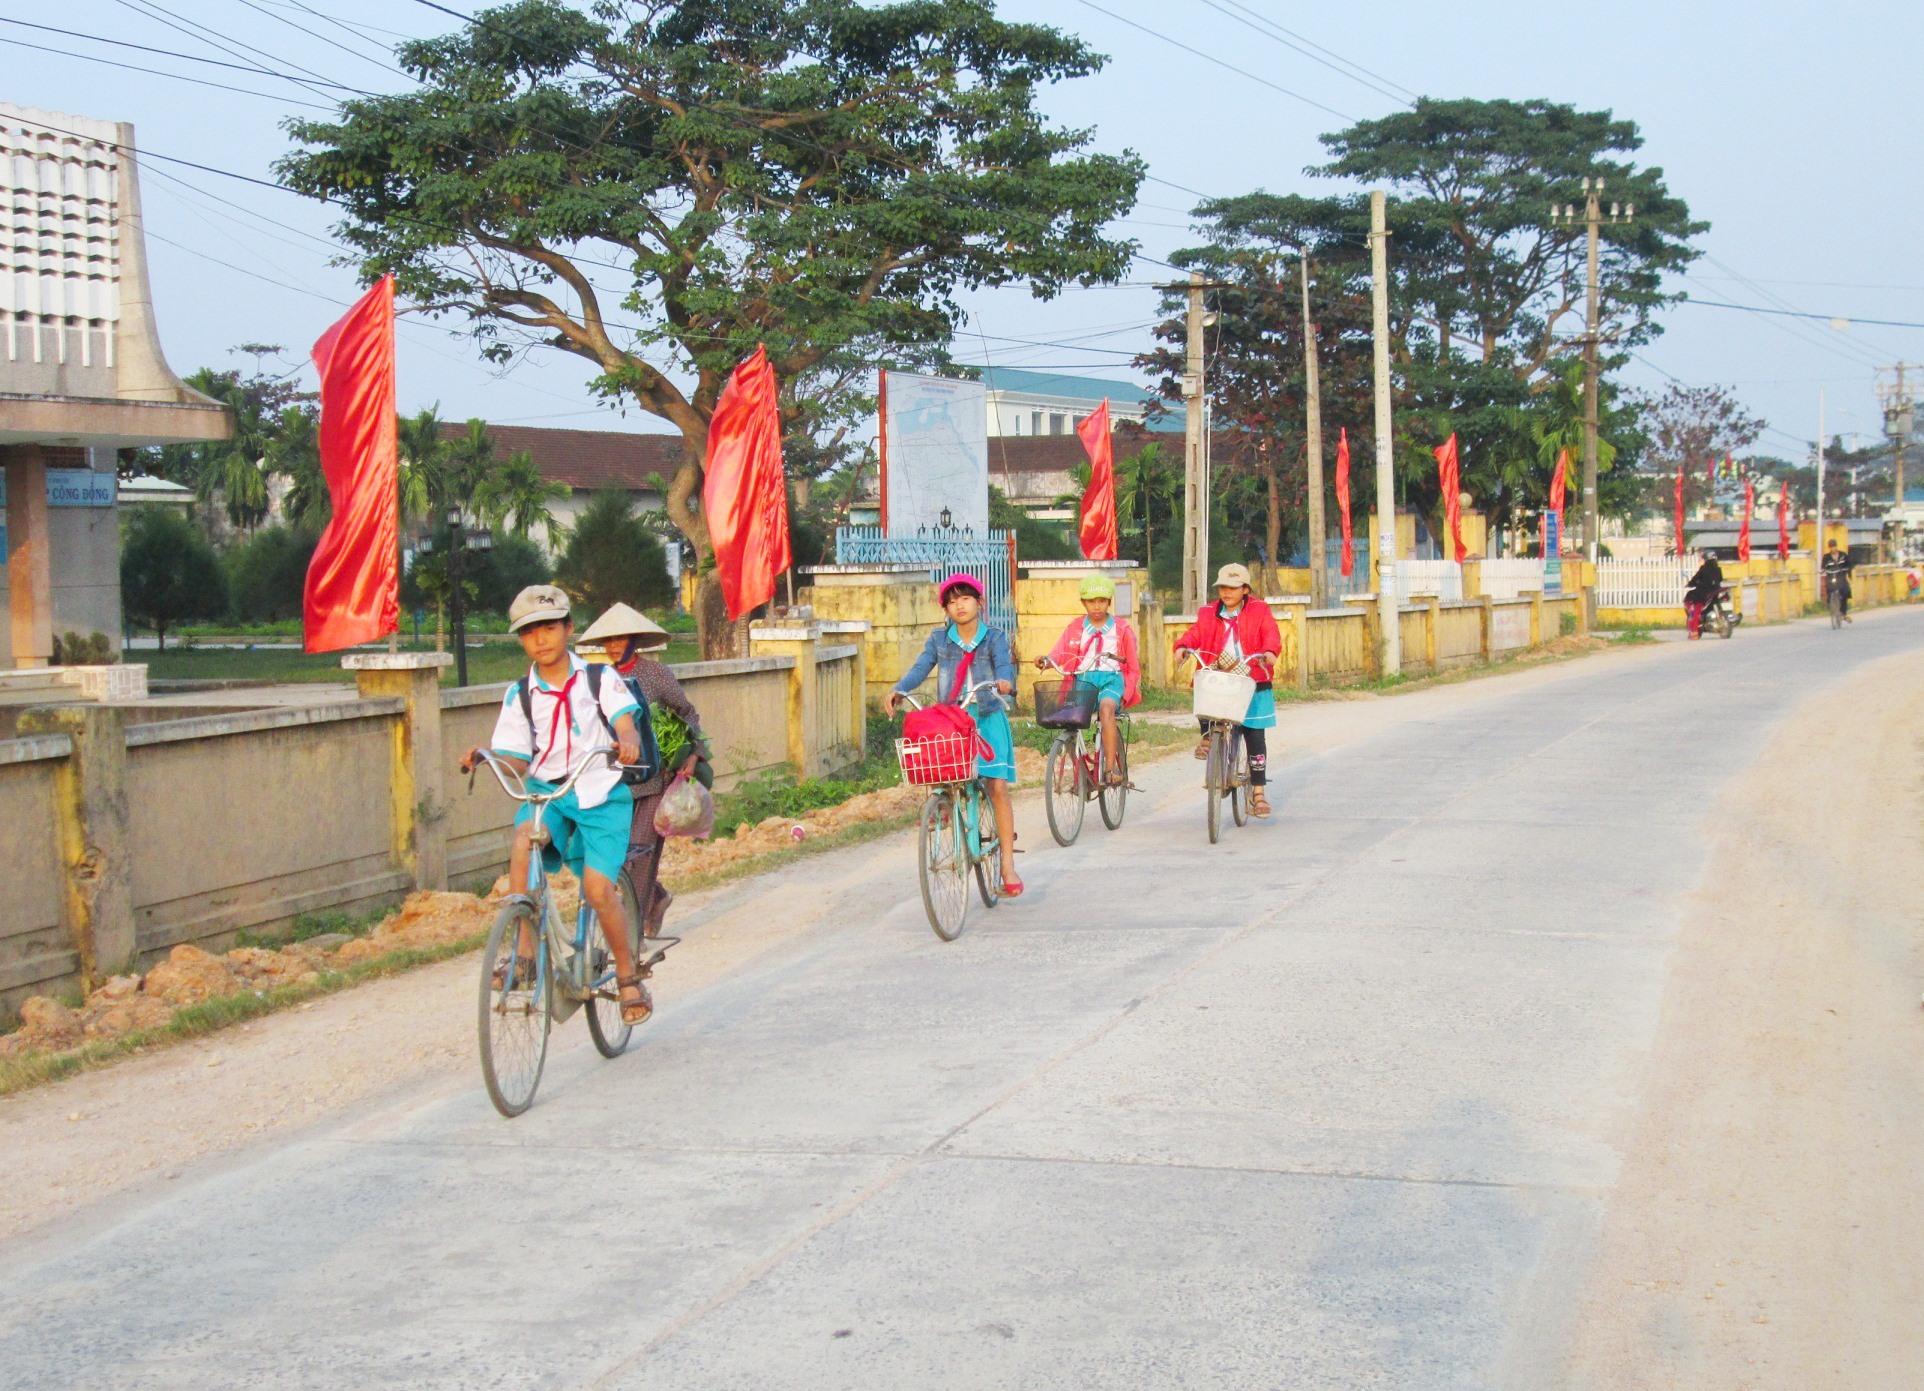 Hạ tầng giao thông của Duy Xuyên đã được quan tâm đầu tư khang trang, sạch đẹp. Ảnh: V.SỰ